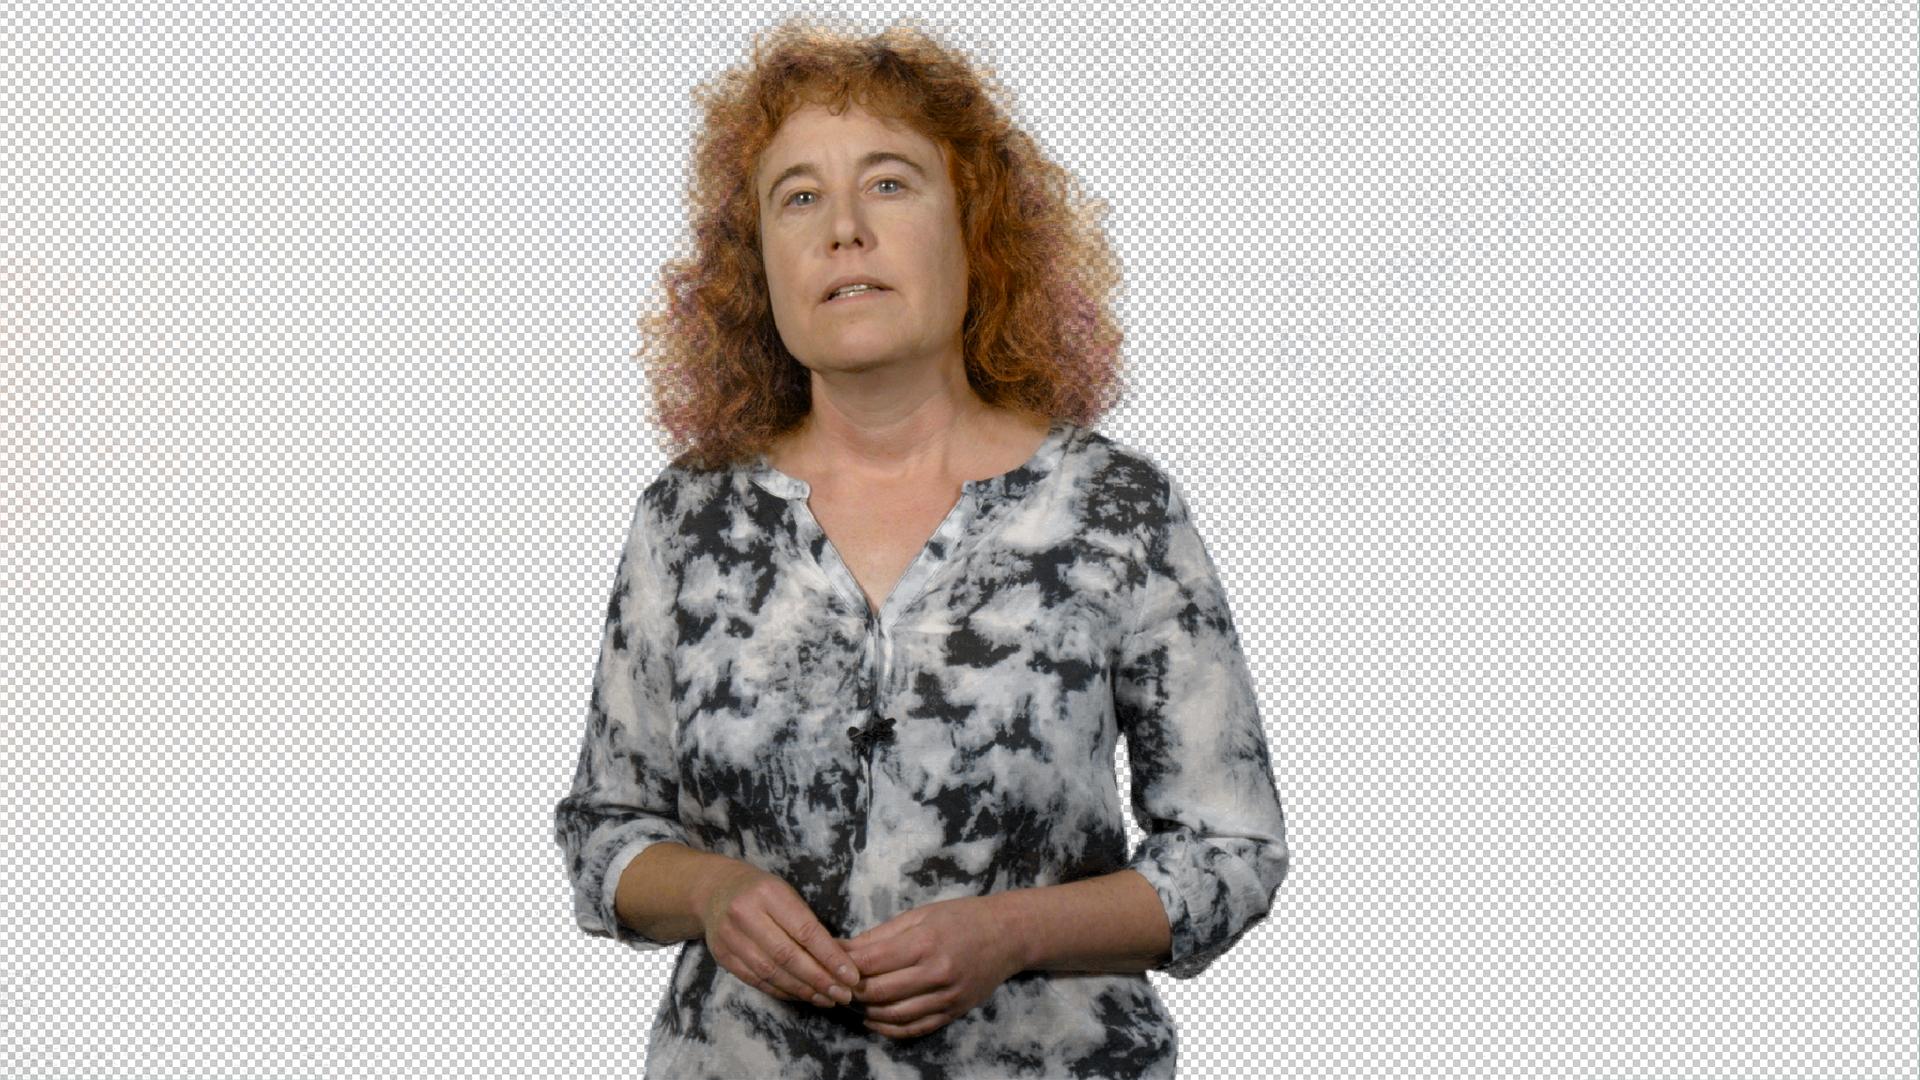 5.Sharon